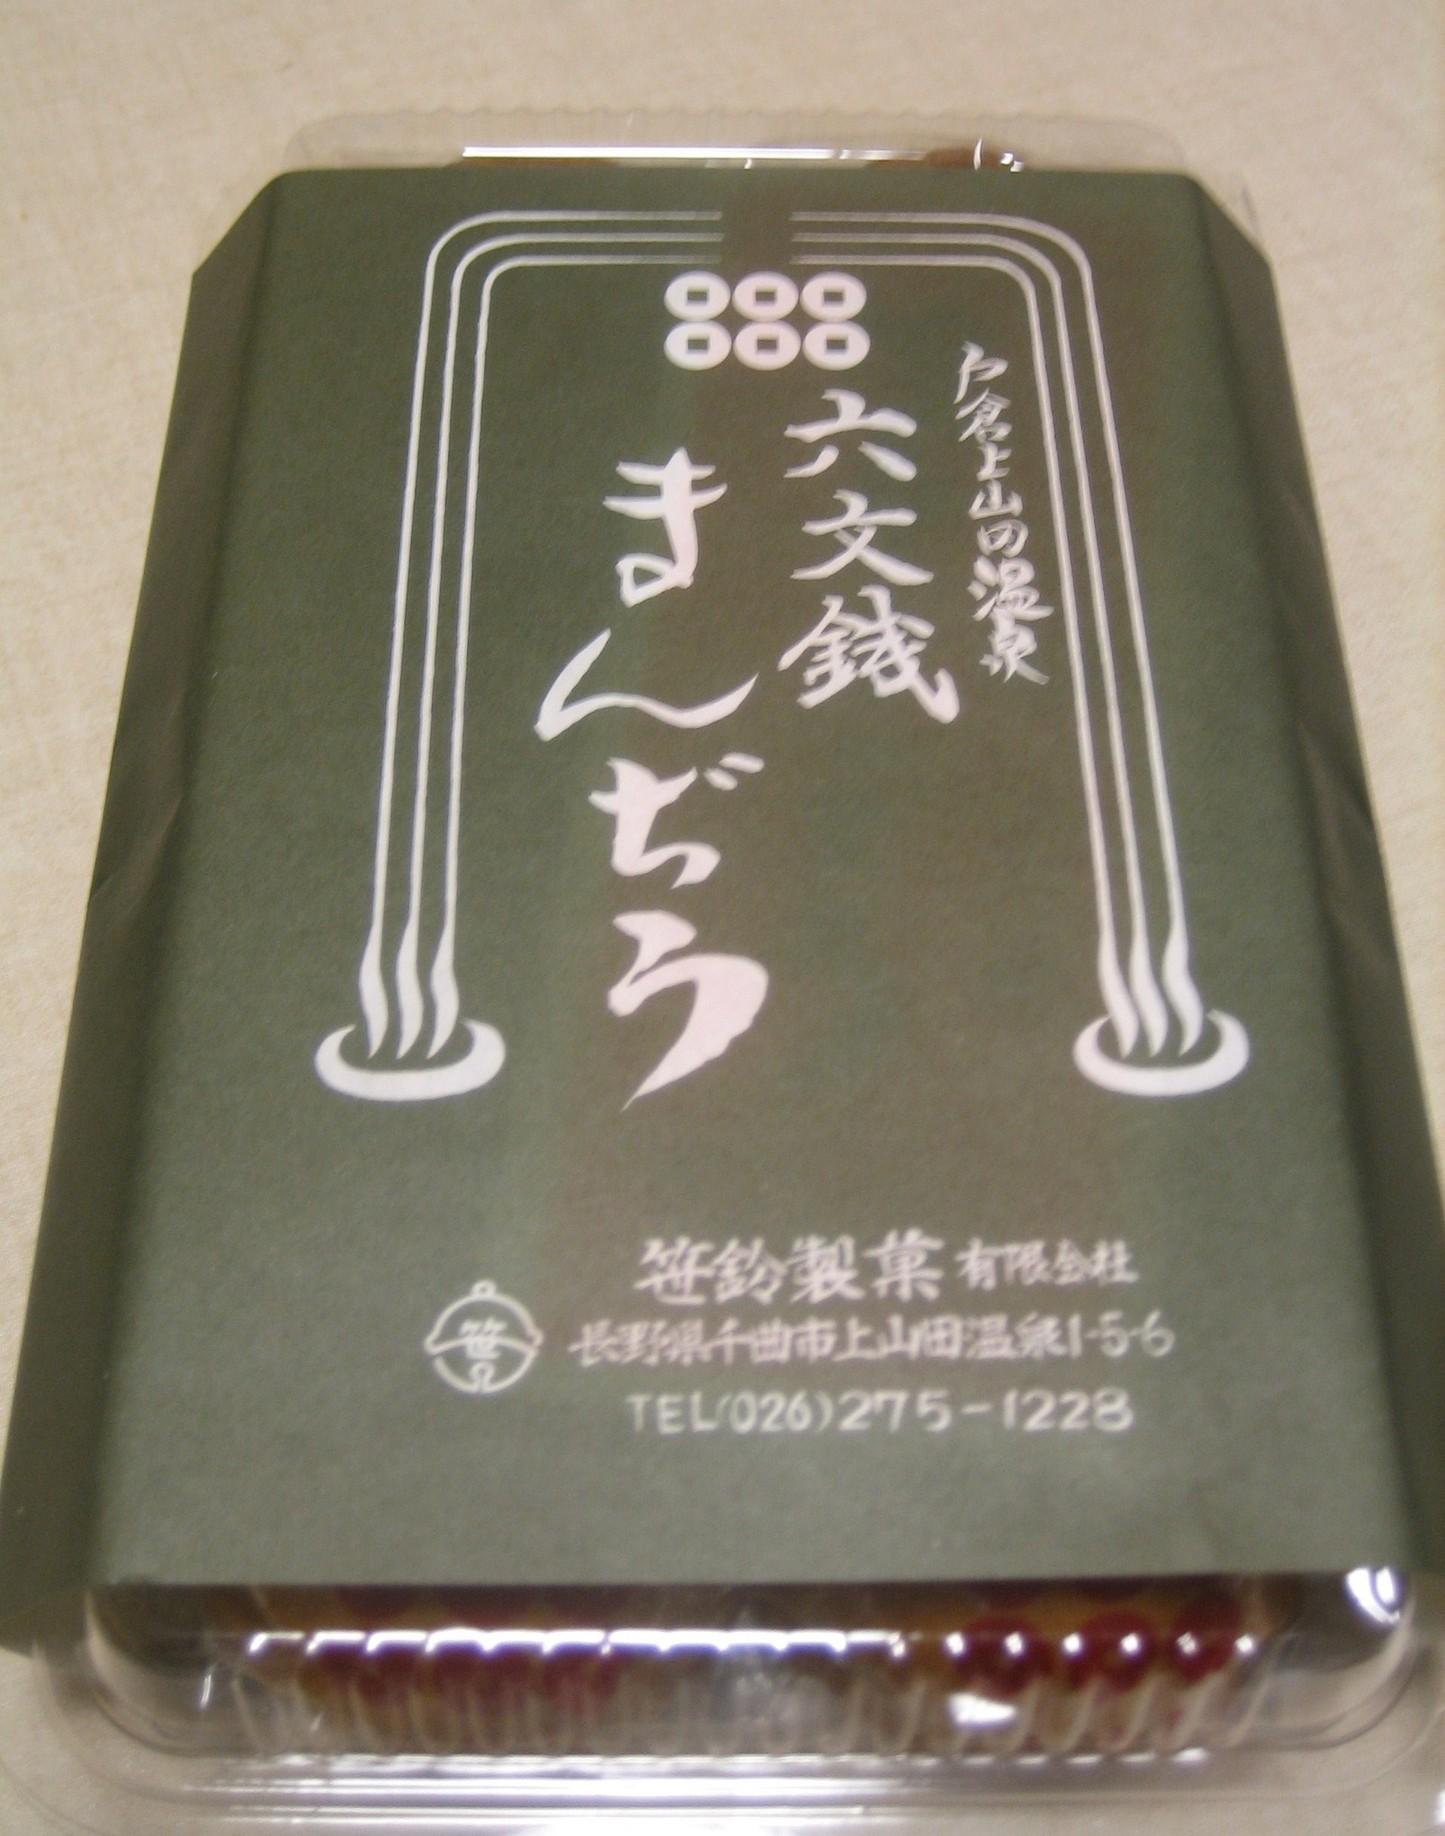 笹鈴製菓 直売店 name=